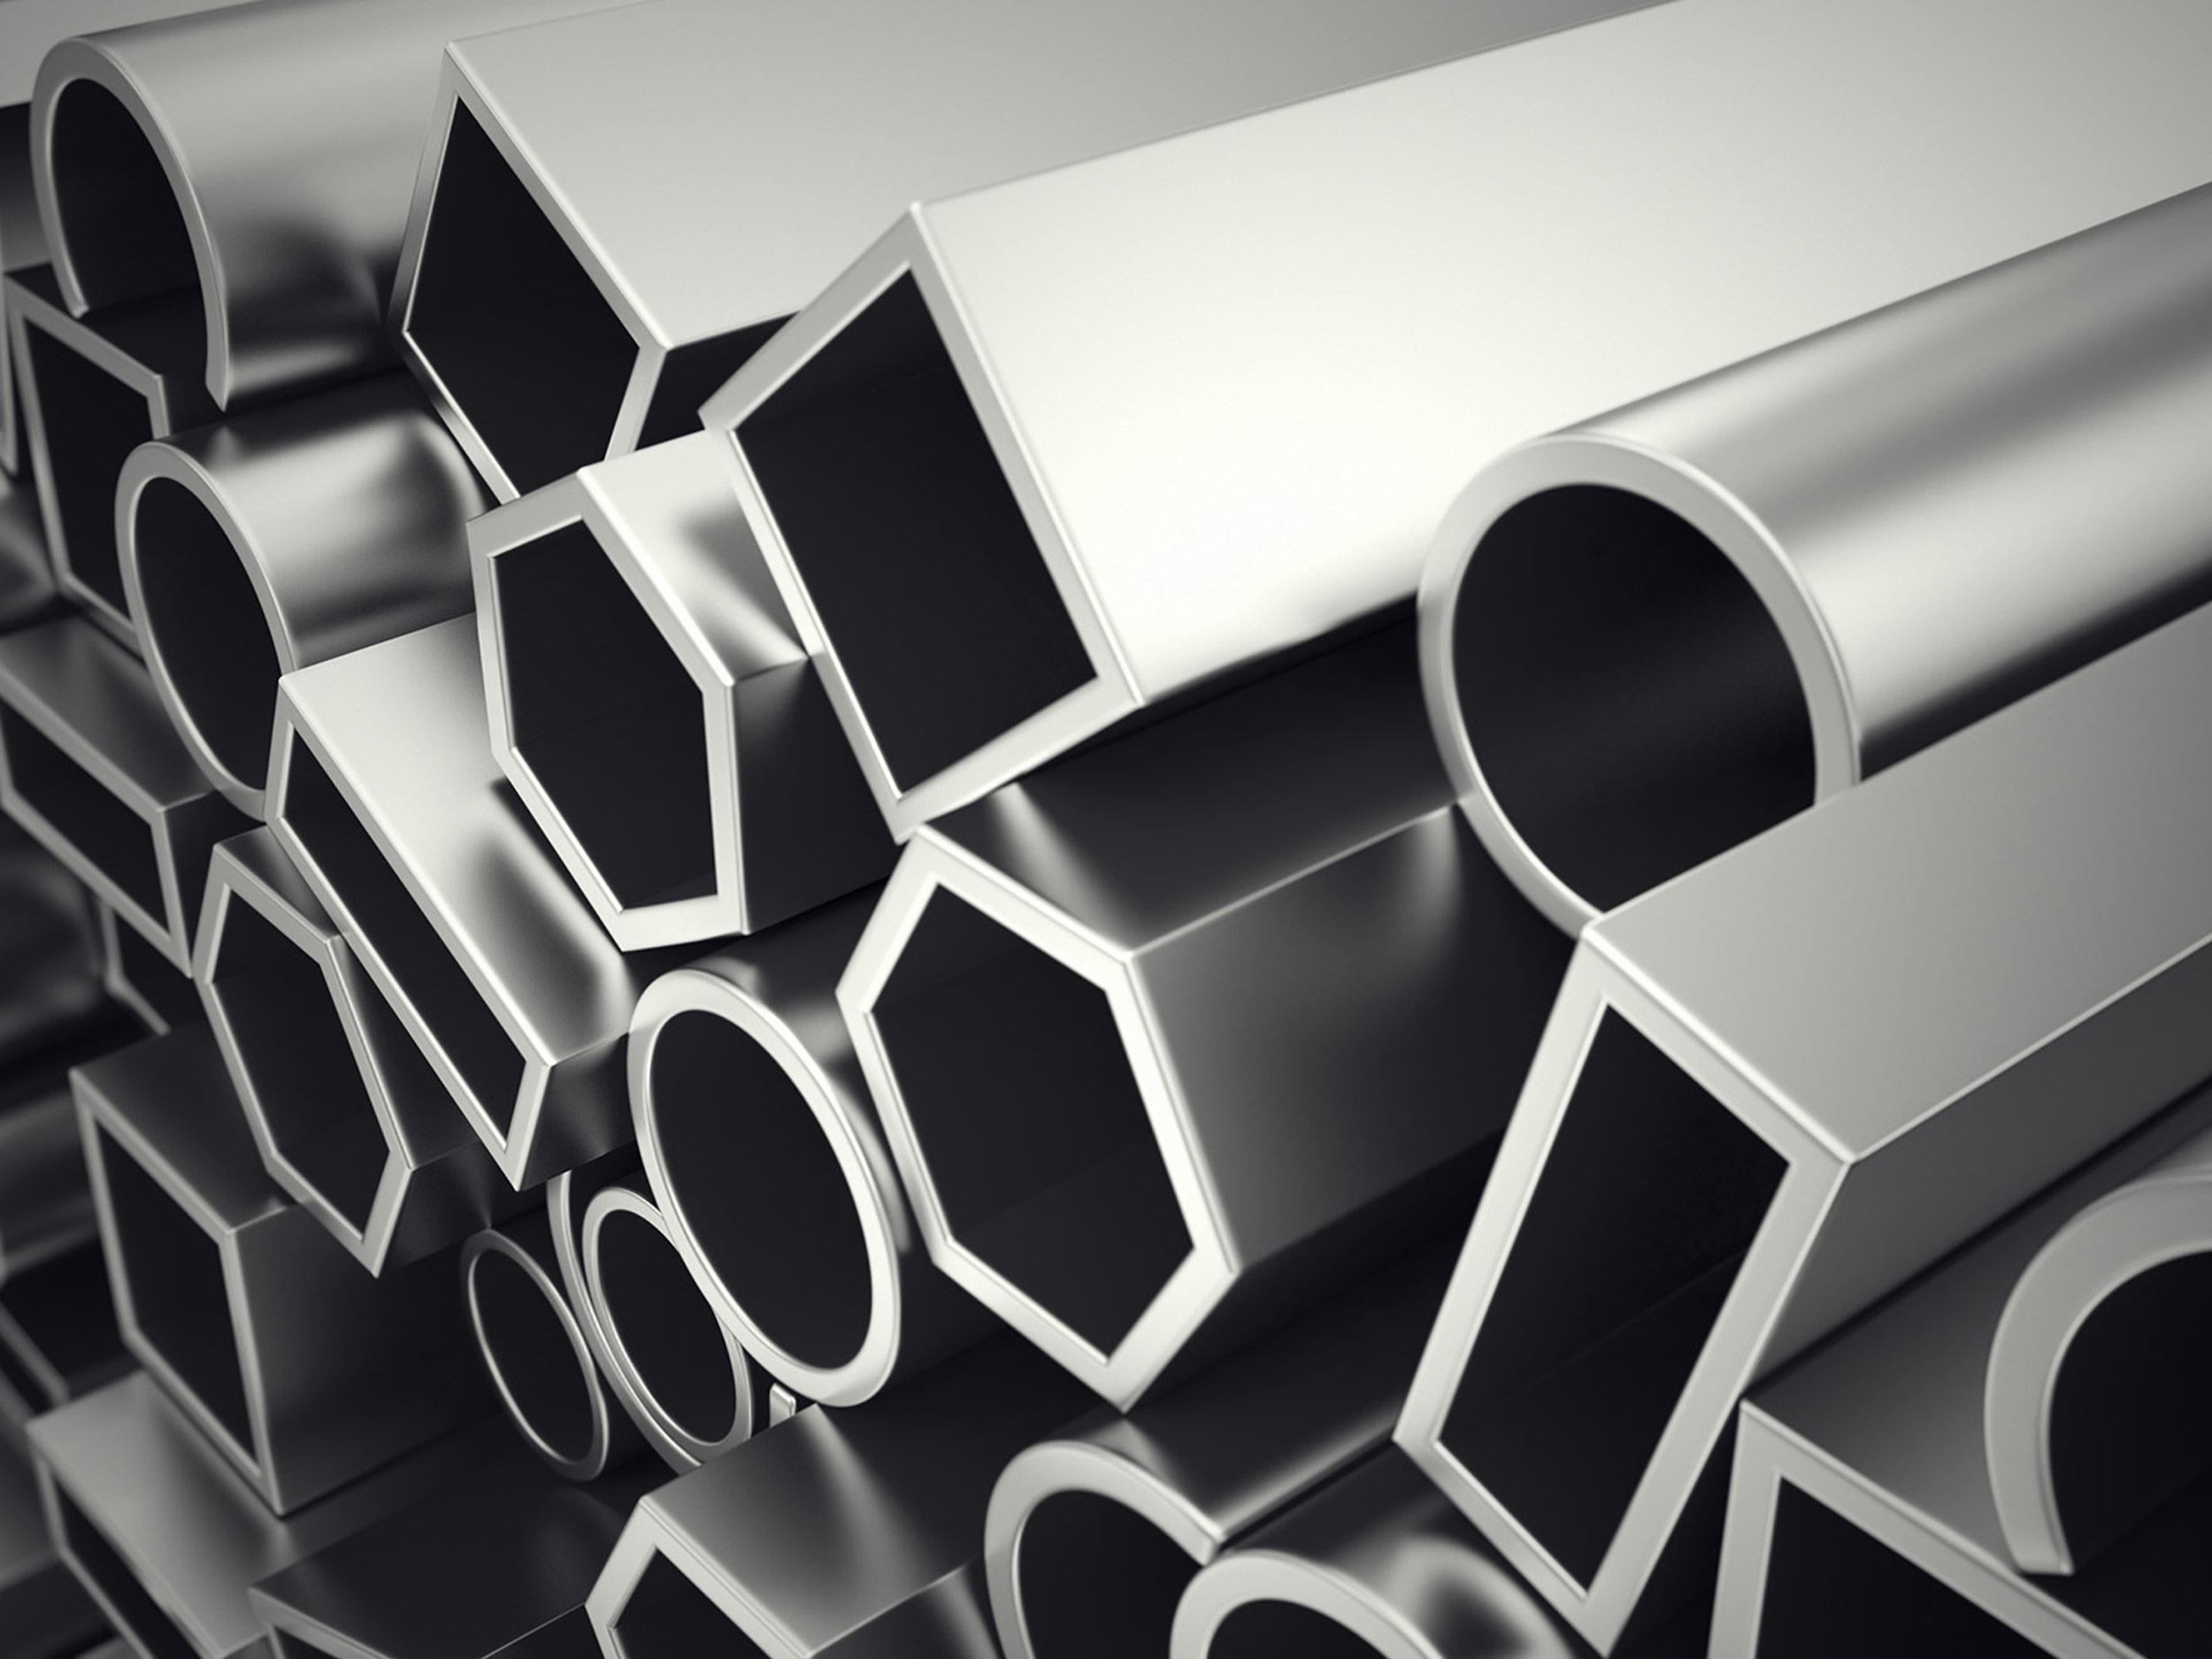 Steel 4x3